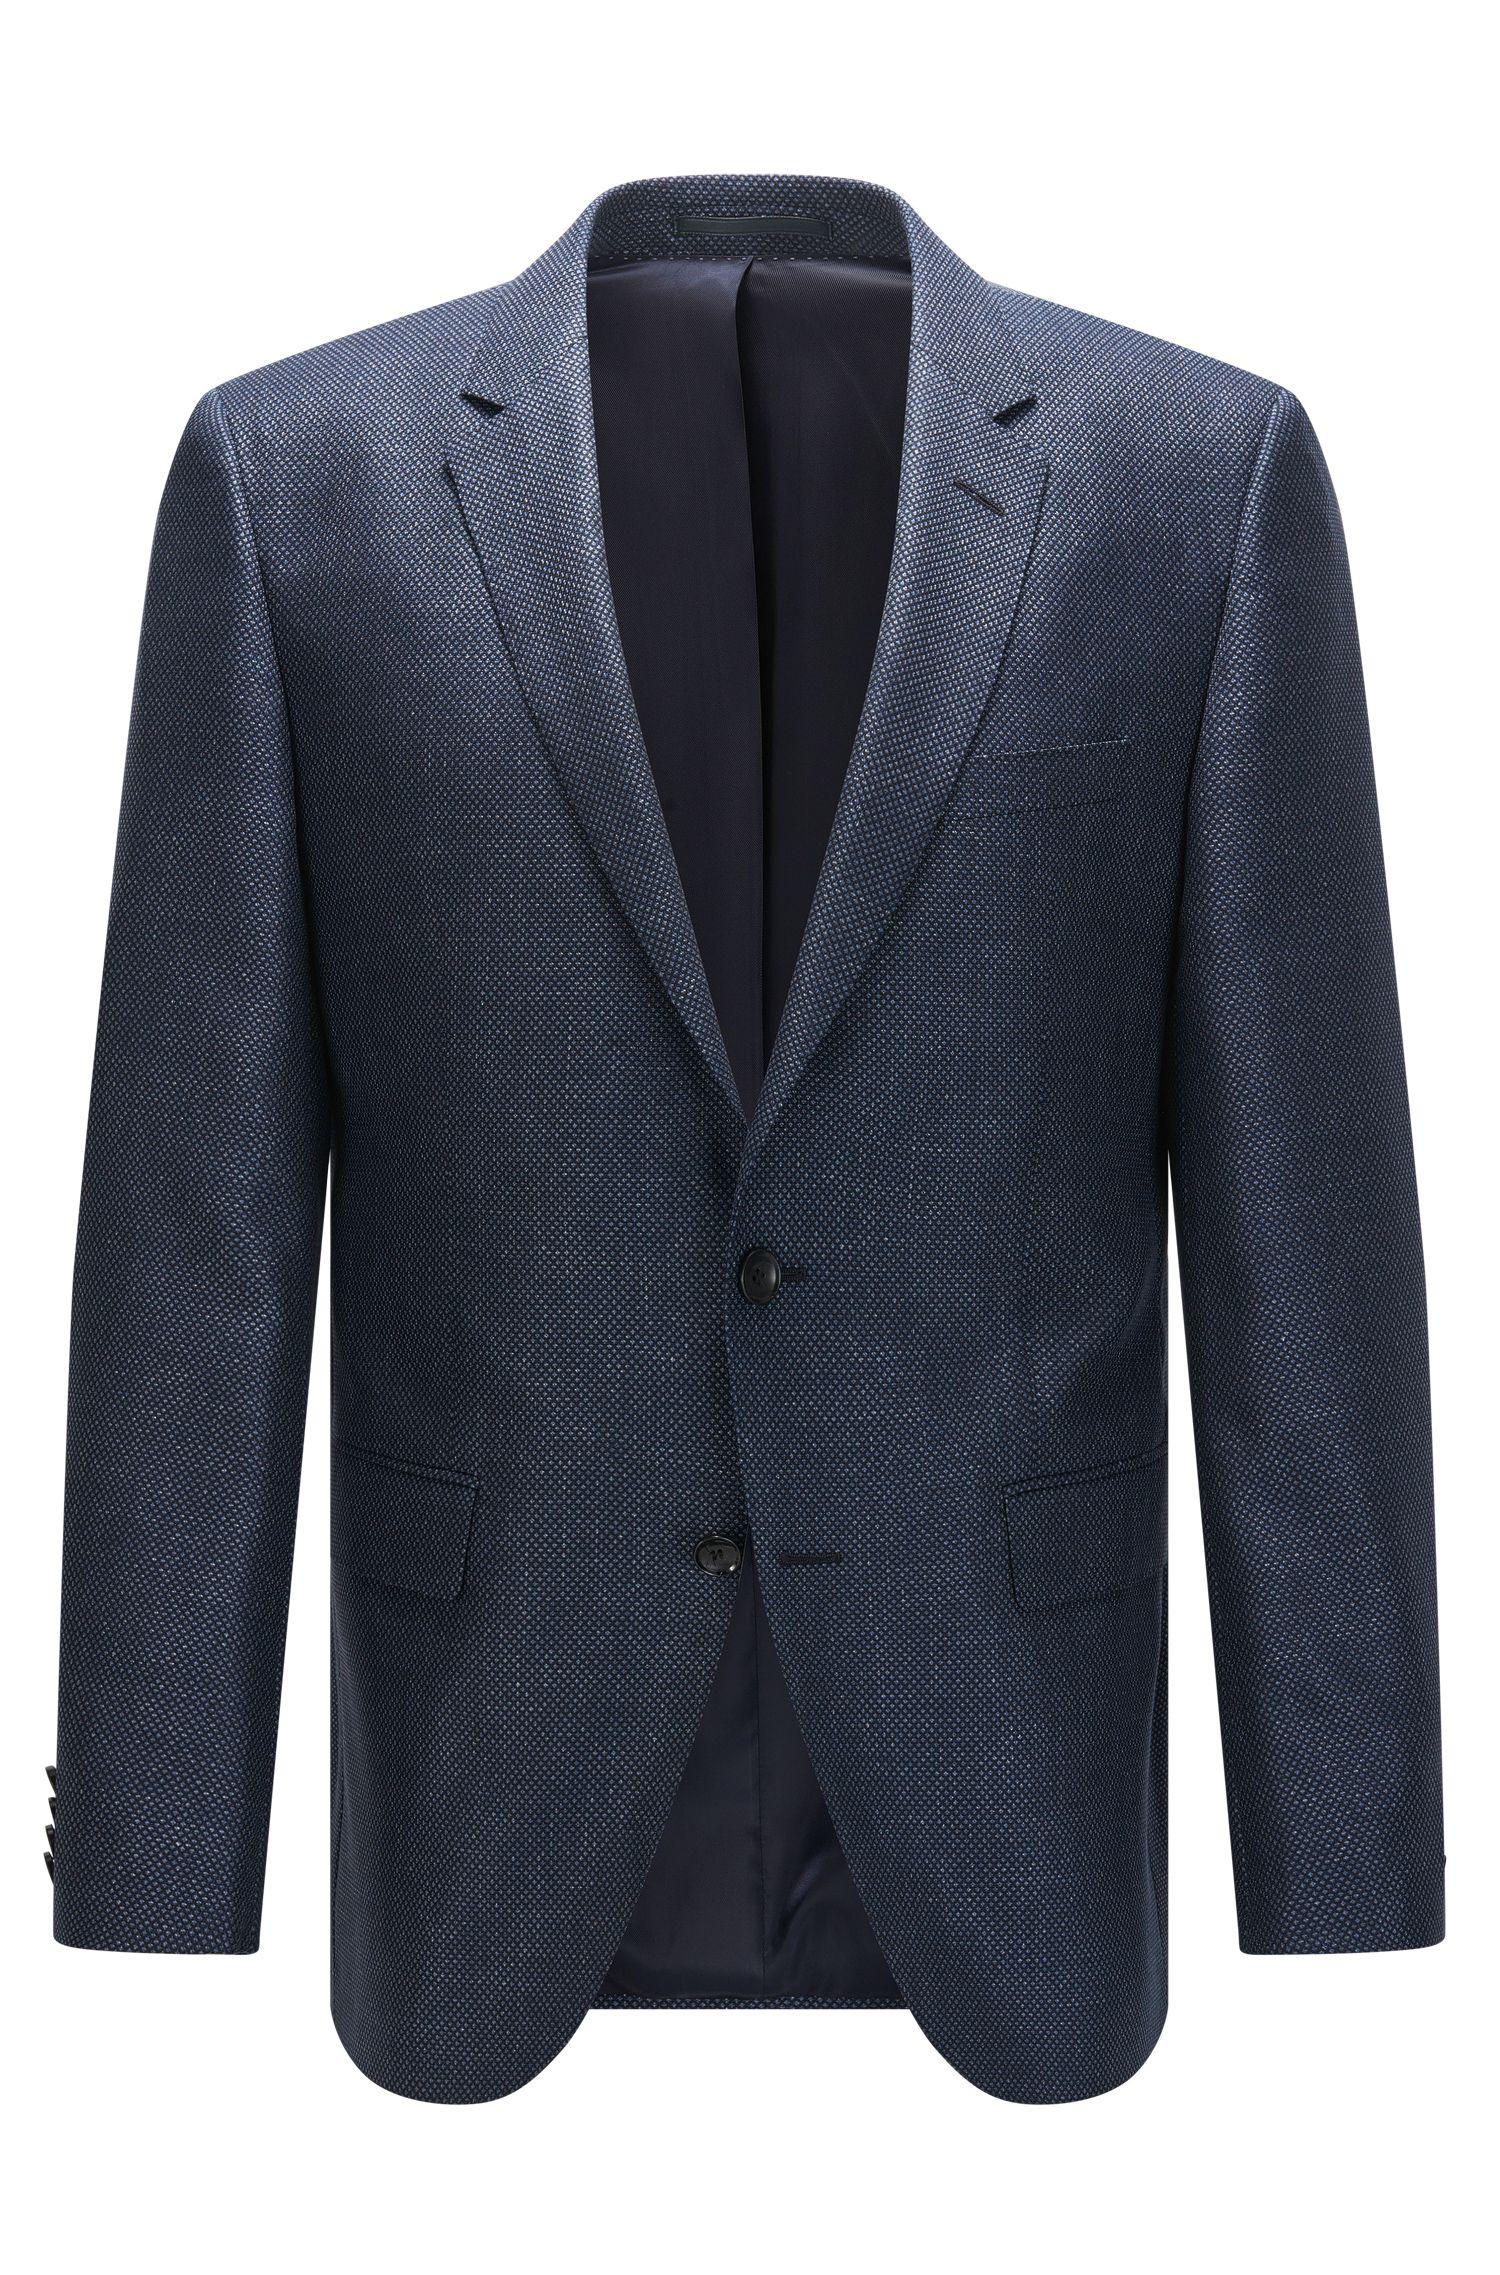 Giacca slim fit in misto seta con lana vergine a disegni